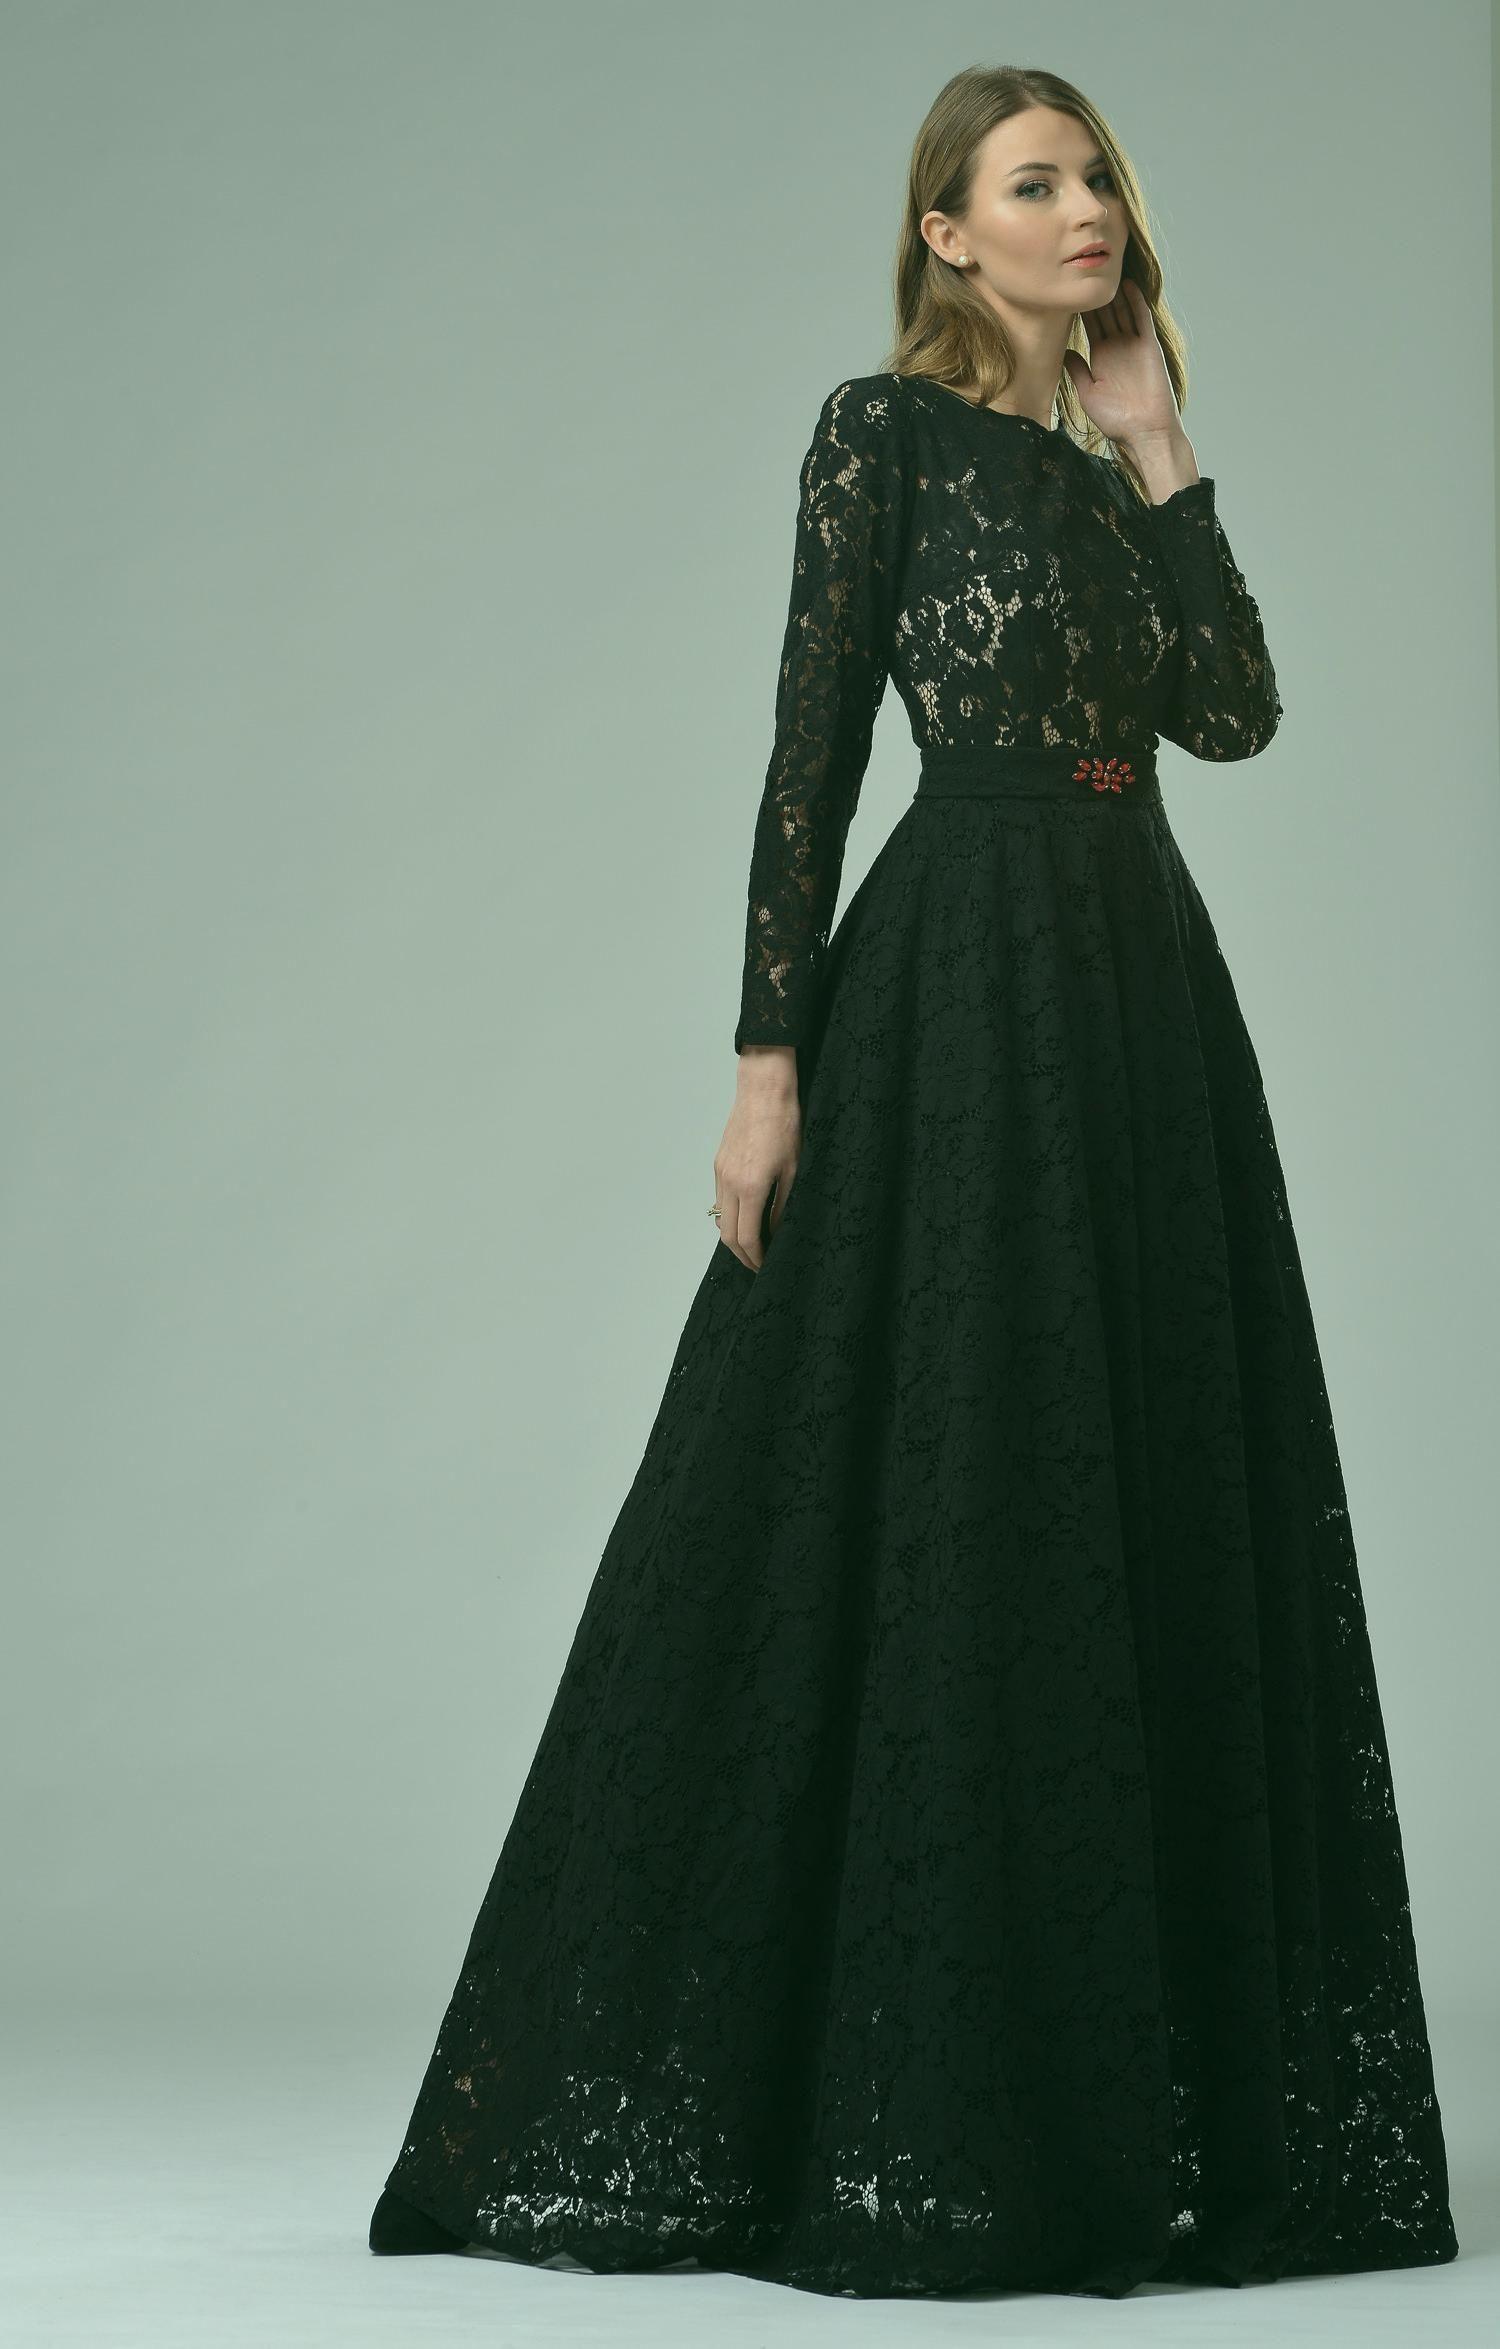 abendkleid lang  Abendkleid, Lange kleider und Kleider